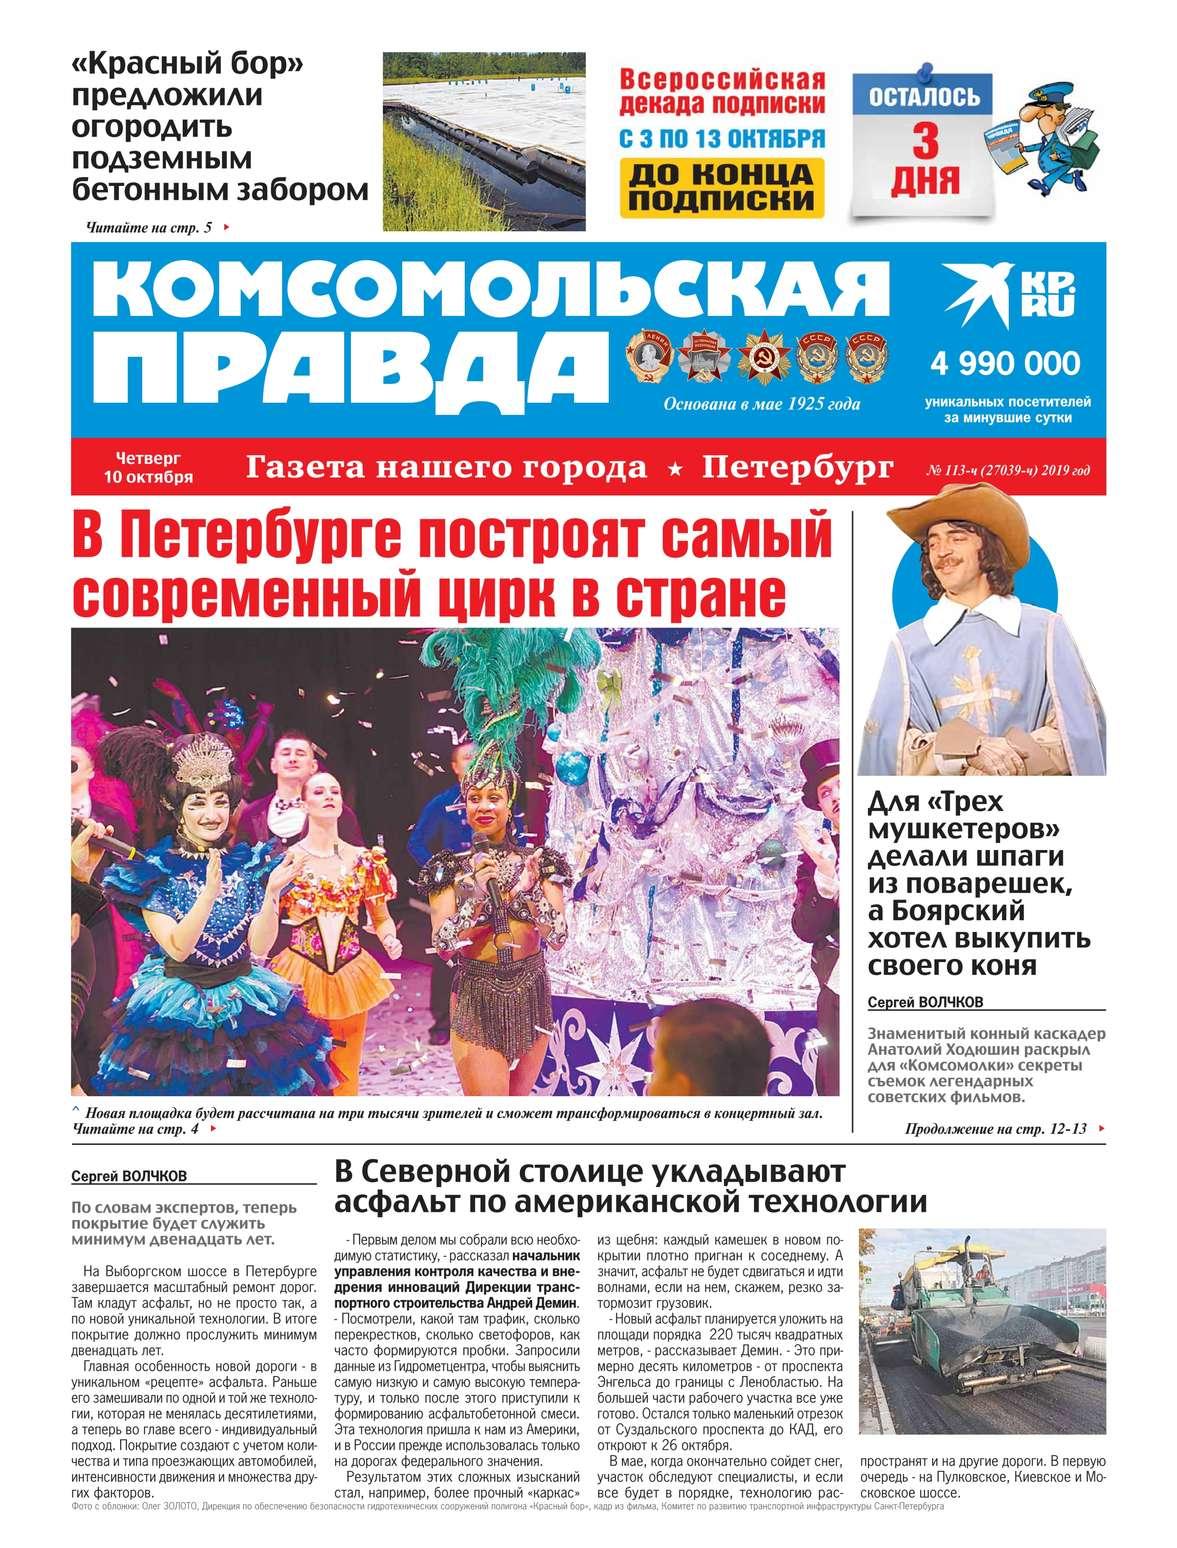 Комсомольская Правда. Санкт-Петербург 113ч-2019